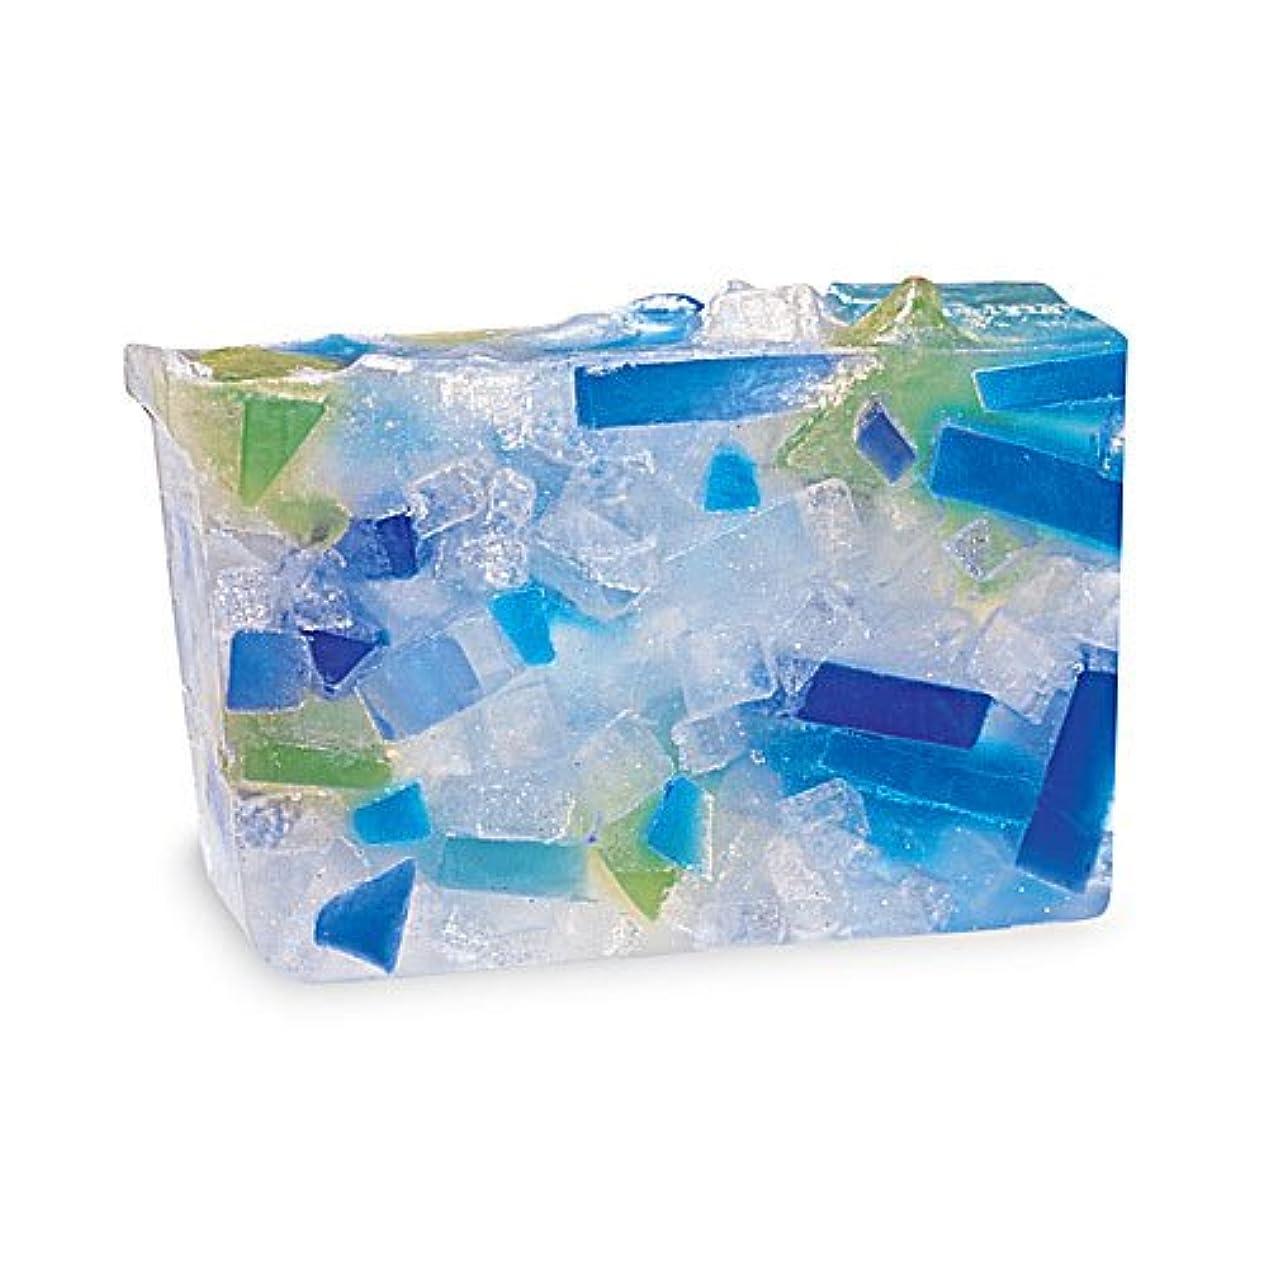 シーサイド施設ポルティコプライモールエレメンツ アロマティック ソープ ビーチグラス 180g 植物性 ナチュラル 石鹸 無添加